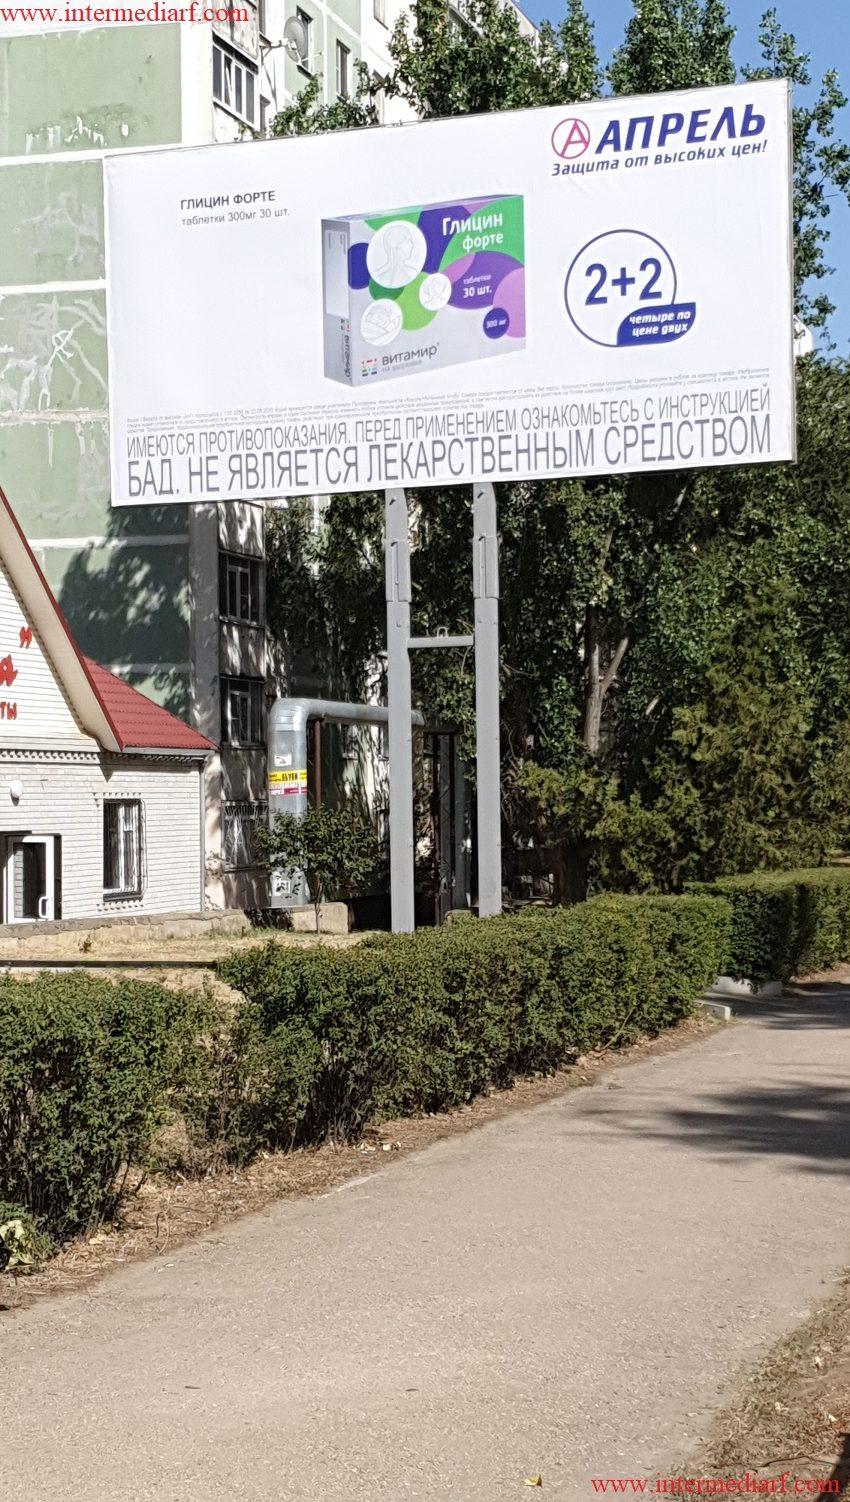 Стартовало размещение рекламы нашего клиентааптечной сети Апрель на щитах 3×6 вБуденновске (4)